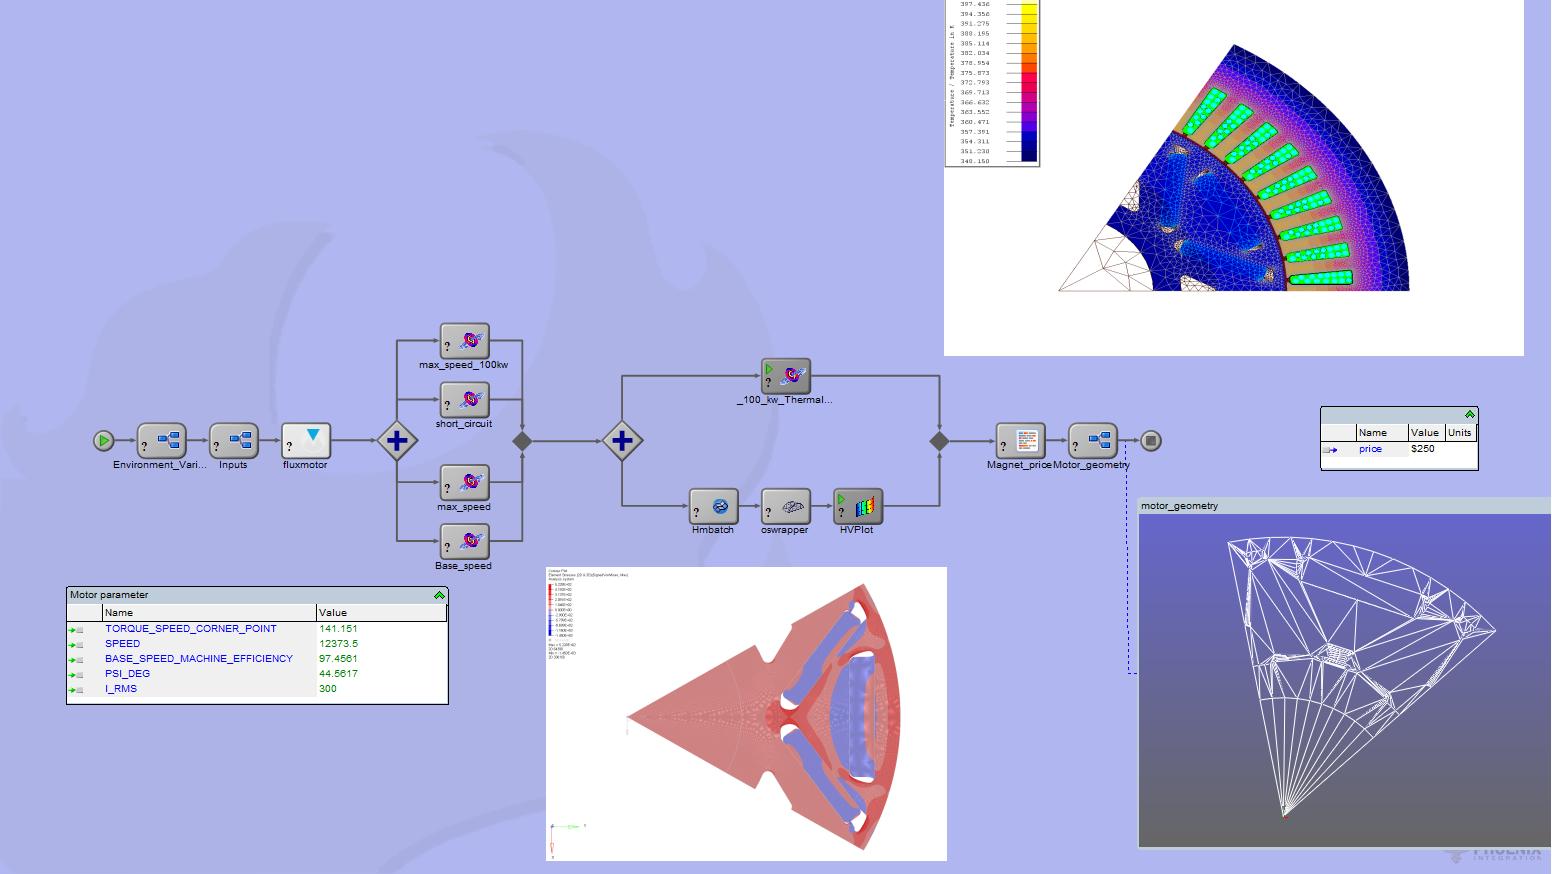 Phoenix Integration-workflow for emotor design - image 03-1